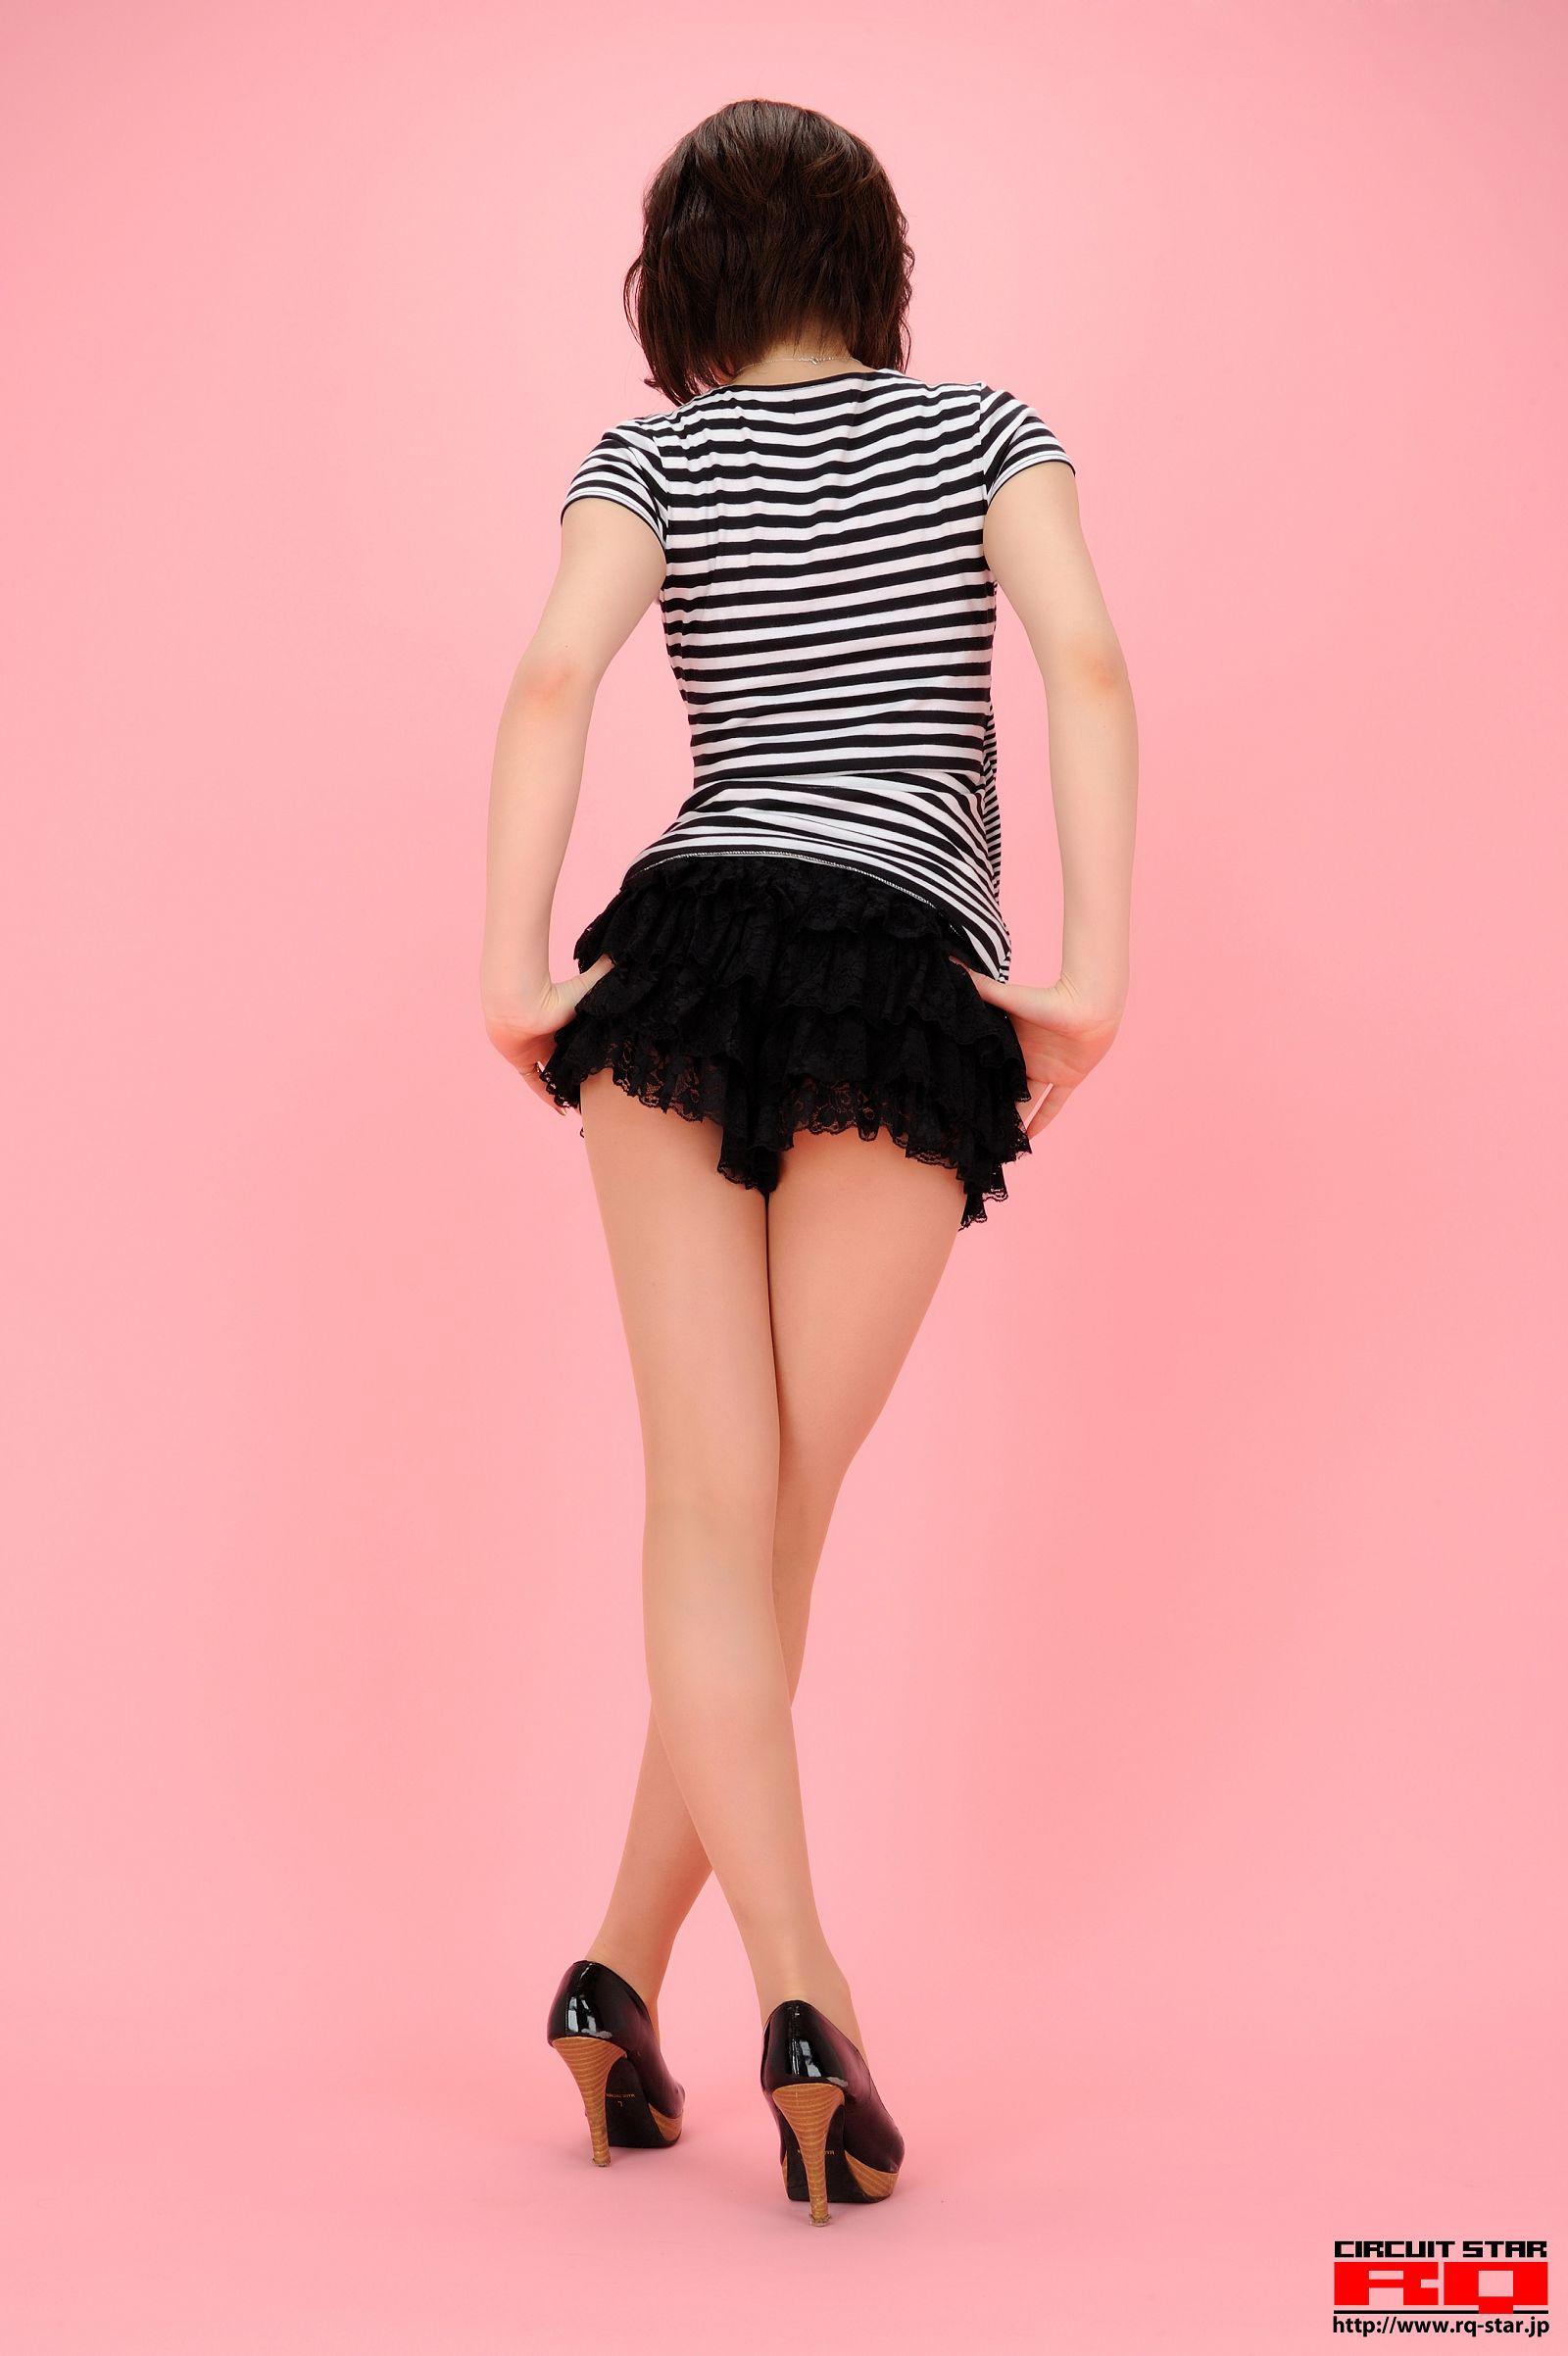 [RQ STAR美女] NO.0276 Saki Tachibana 立花サキ Private Dress[90P] RQ STAR 第4张